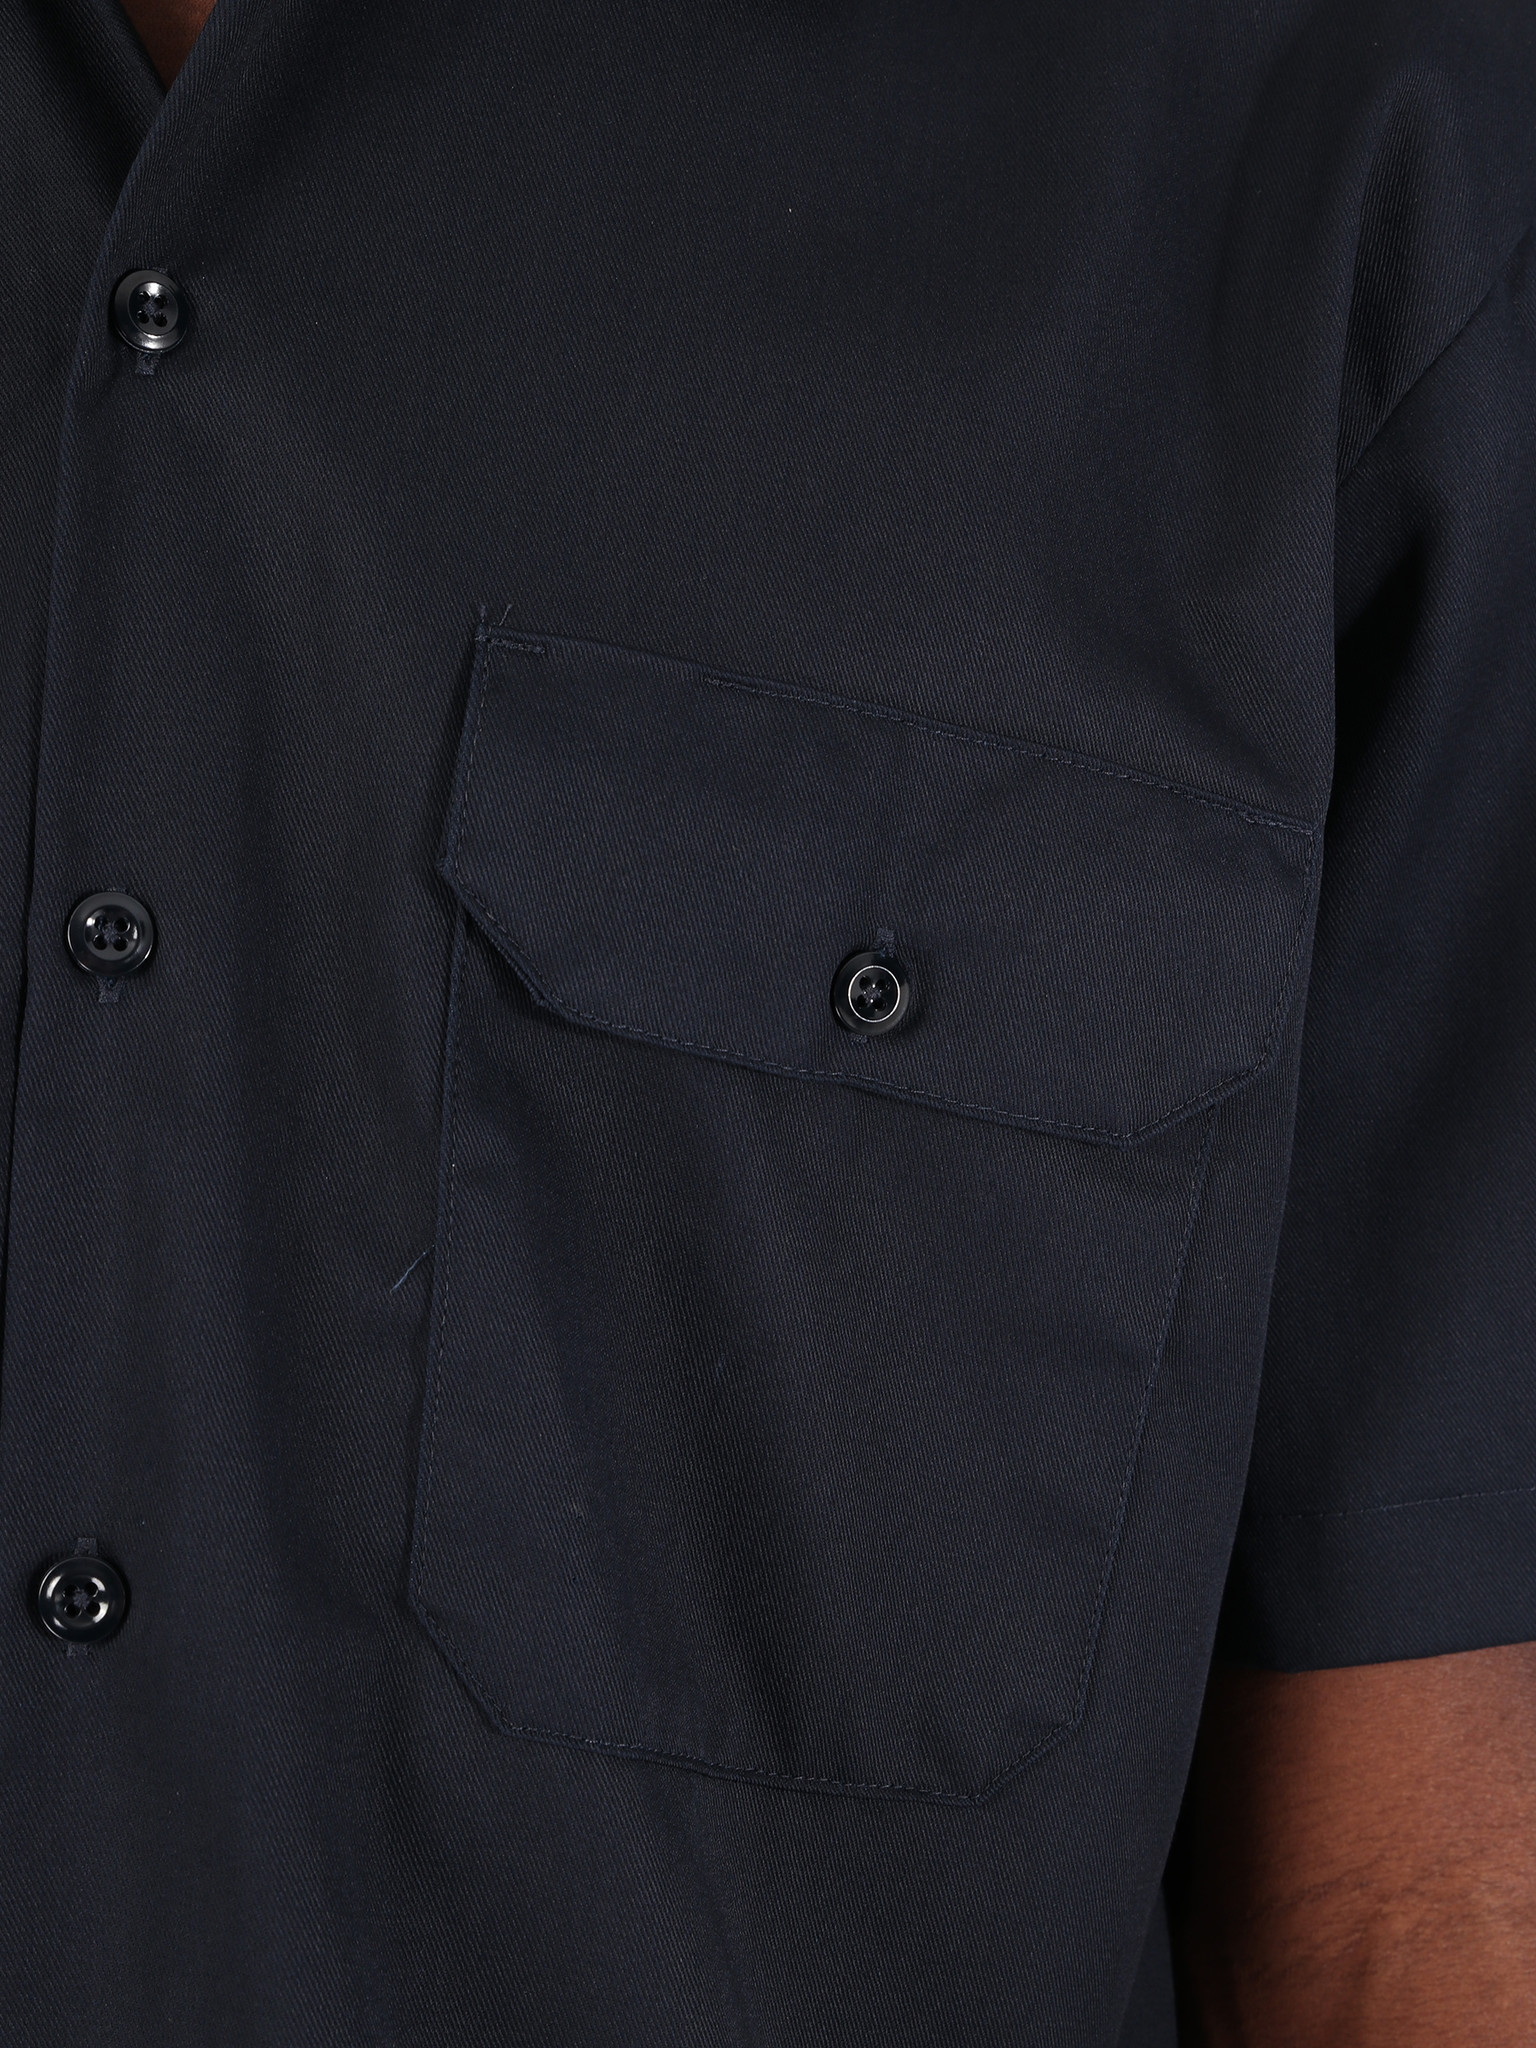 Dickies Dickies Work Shirt Shortsleeve Dark Navy 1574-DN